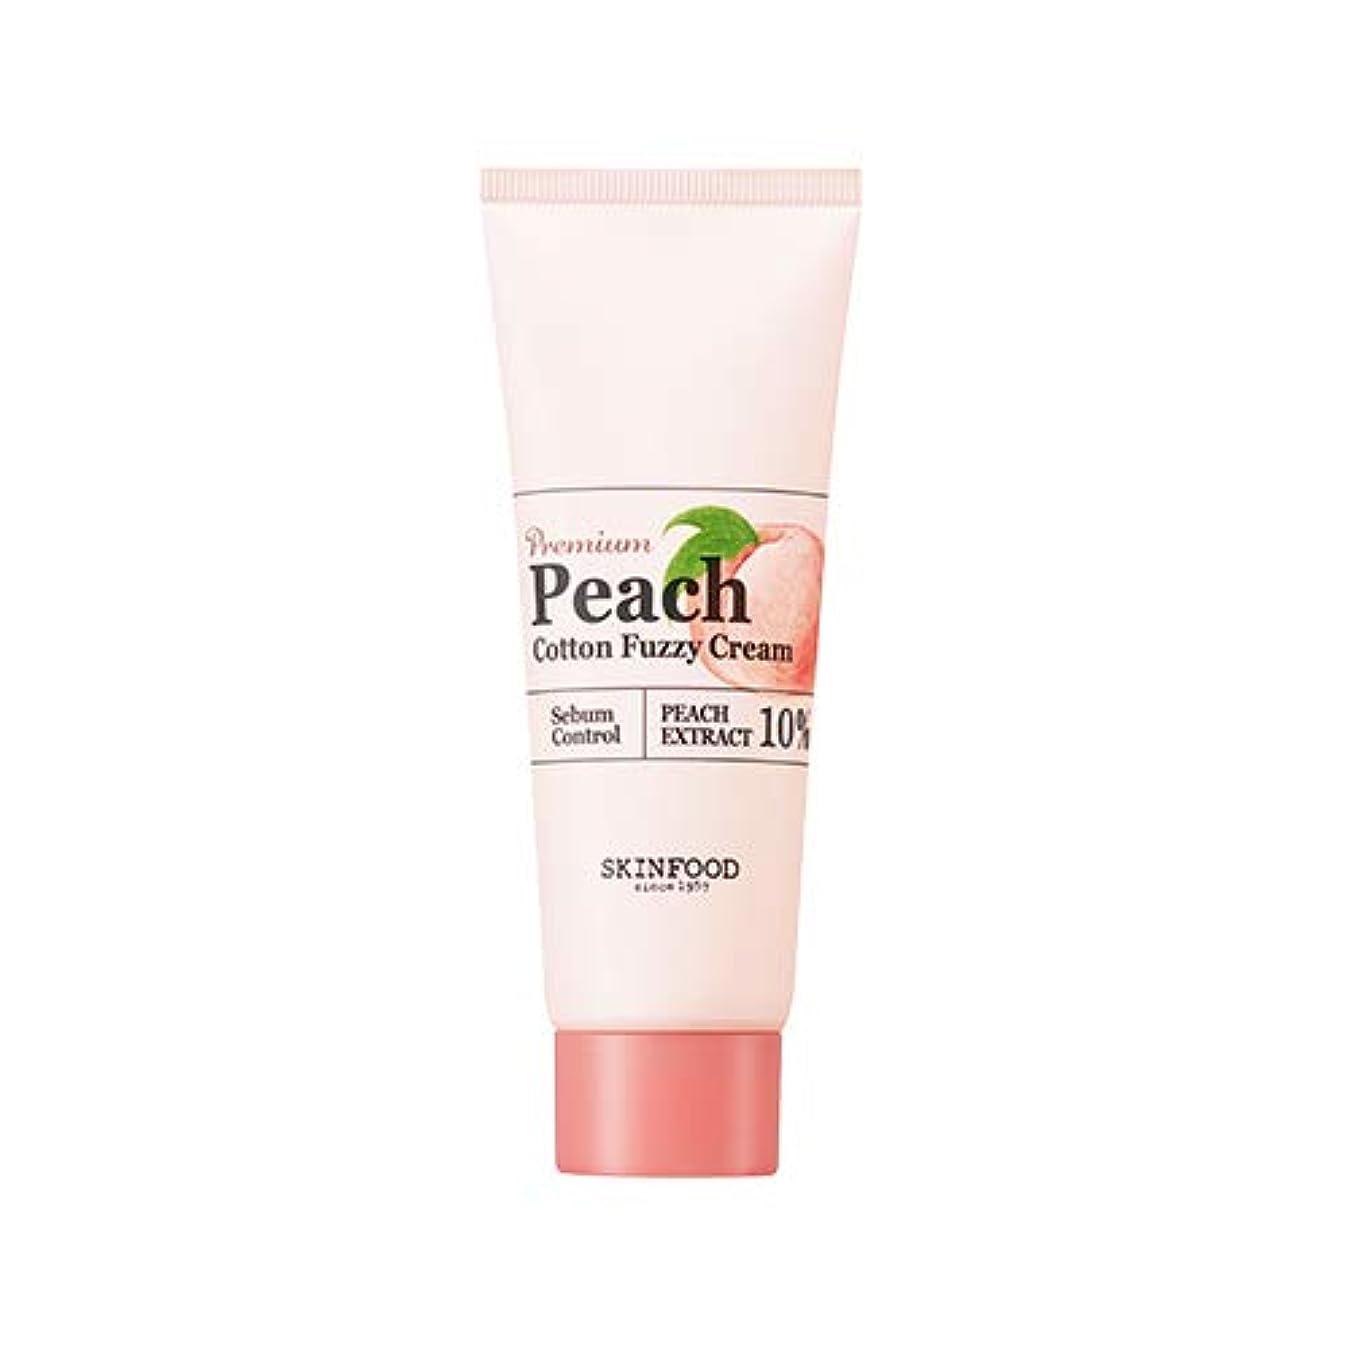 ミリメートルメンター解決するSkinfood プレミアムピーチコットンファジークリーム/Premium Peach Cotton Fuzzy Cream 65ml [並行輸入品]